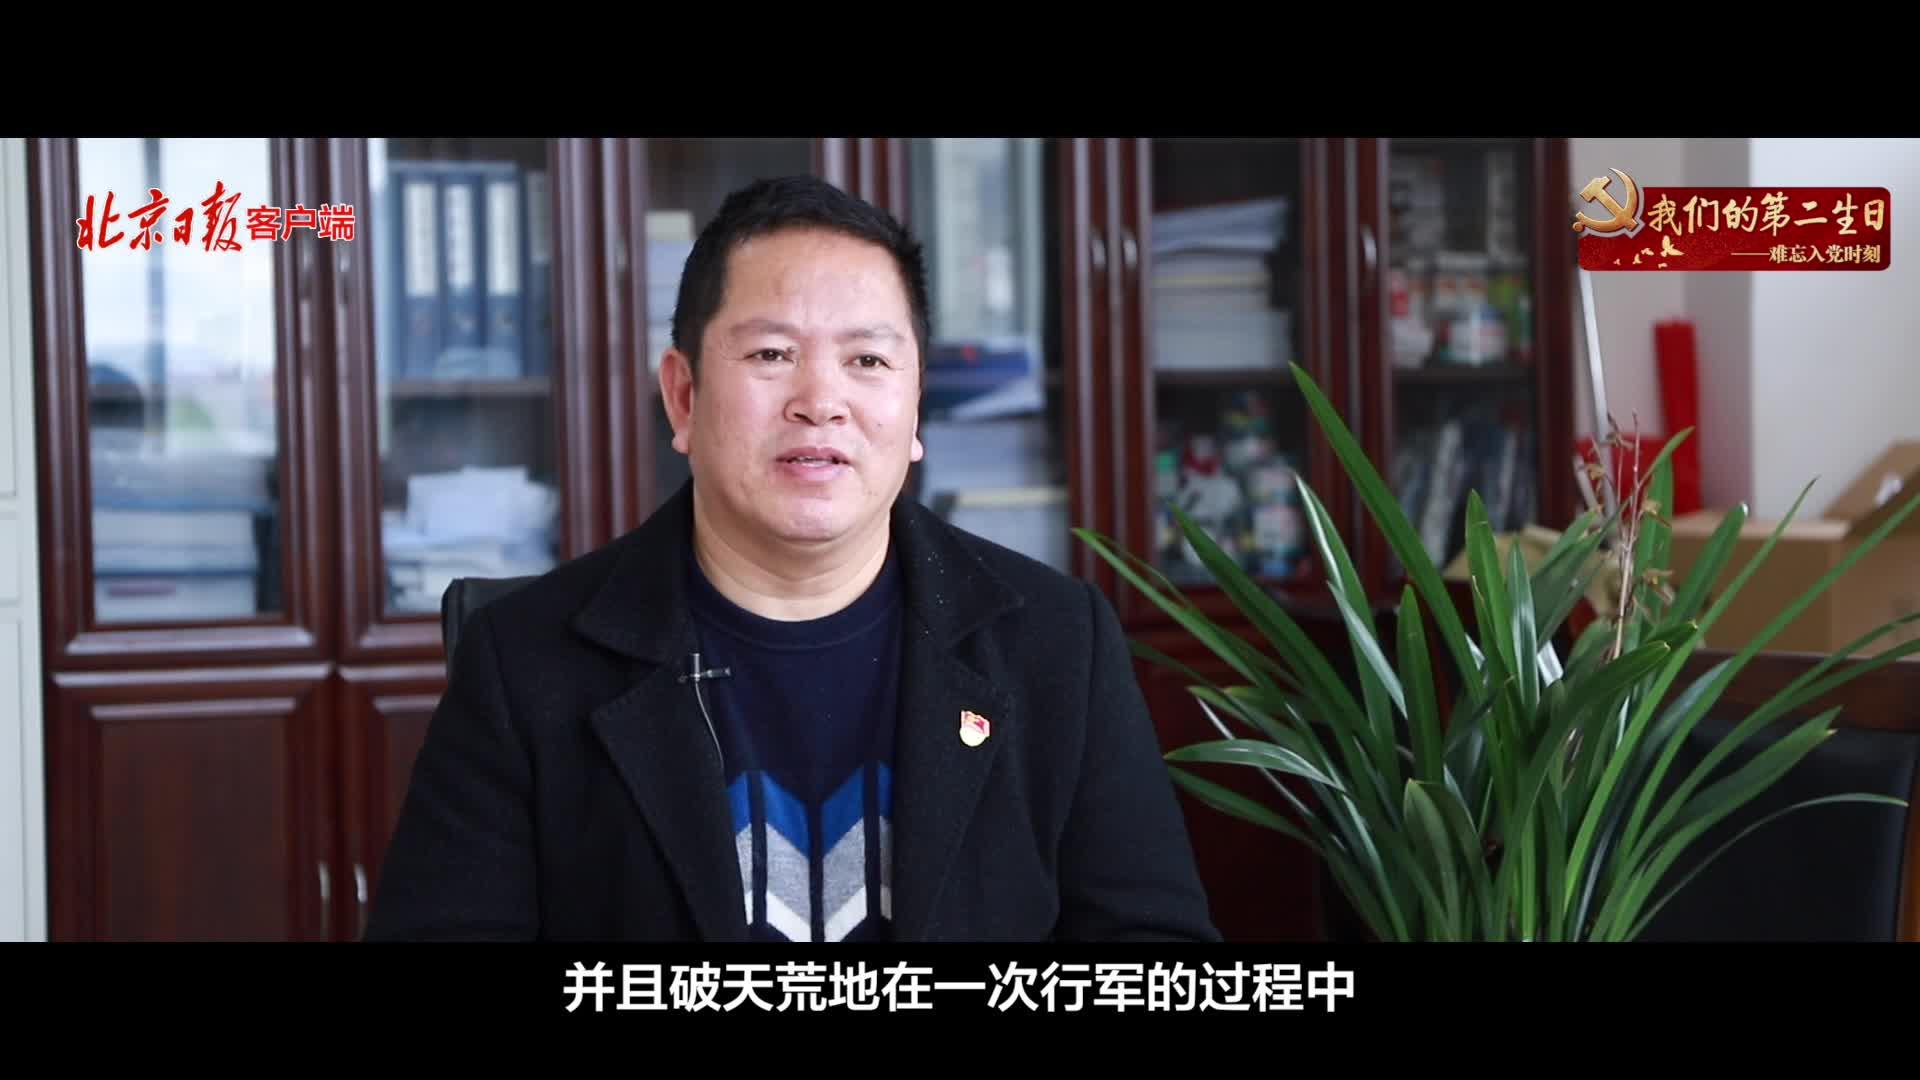 我们的第二生日  战斗英雄张富清:我要为党、为人民奋斗一生